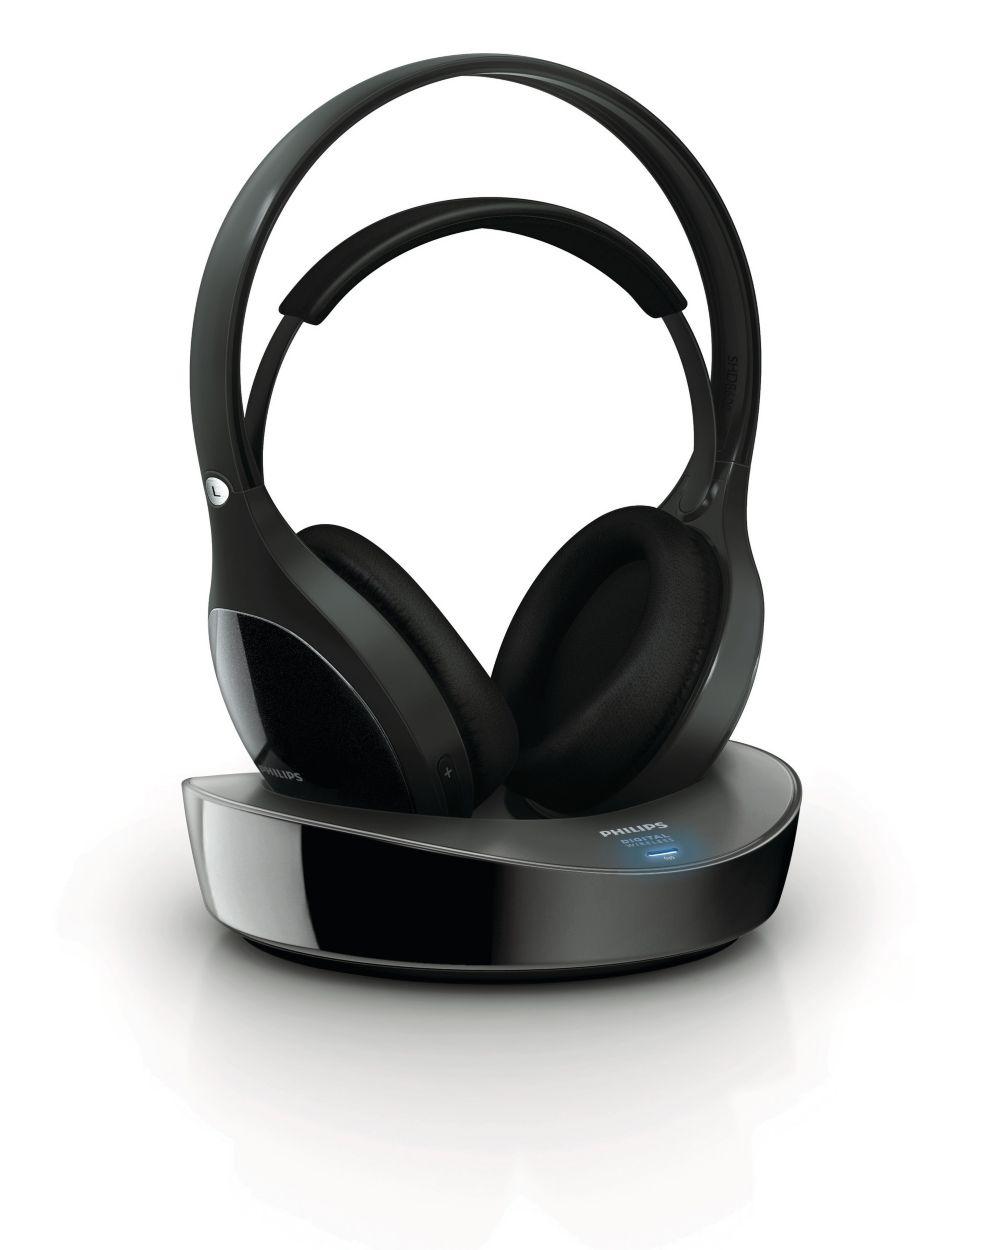 Image of Philips Draadloze HiFi-hoofdtelefoon SHD8600UG